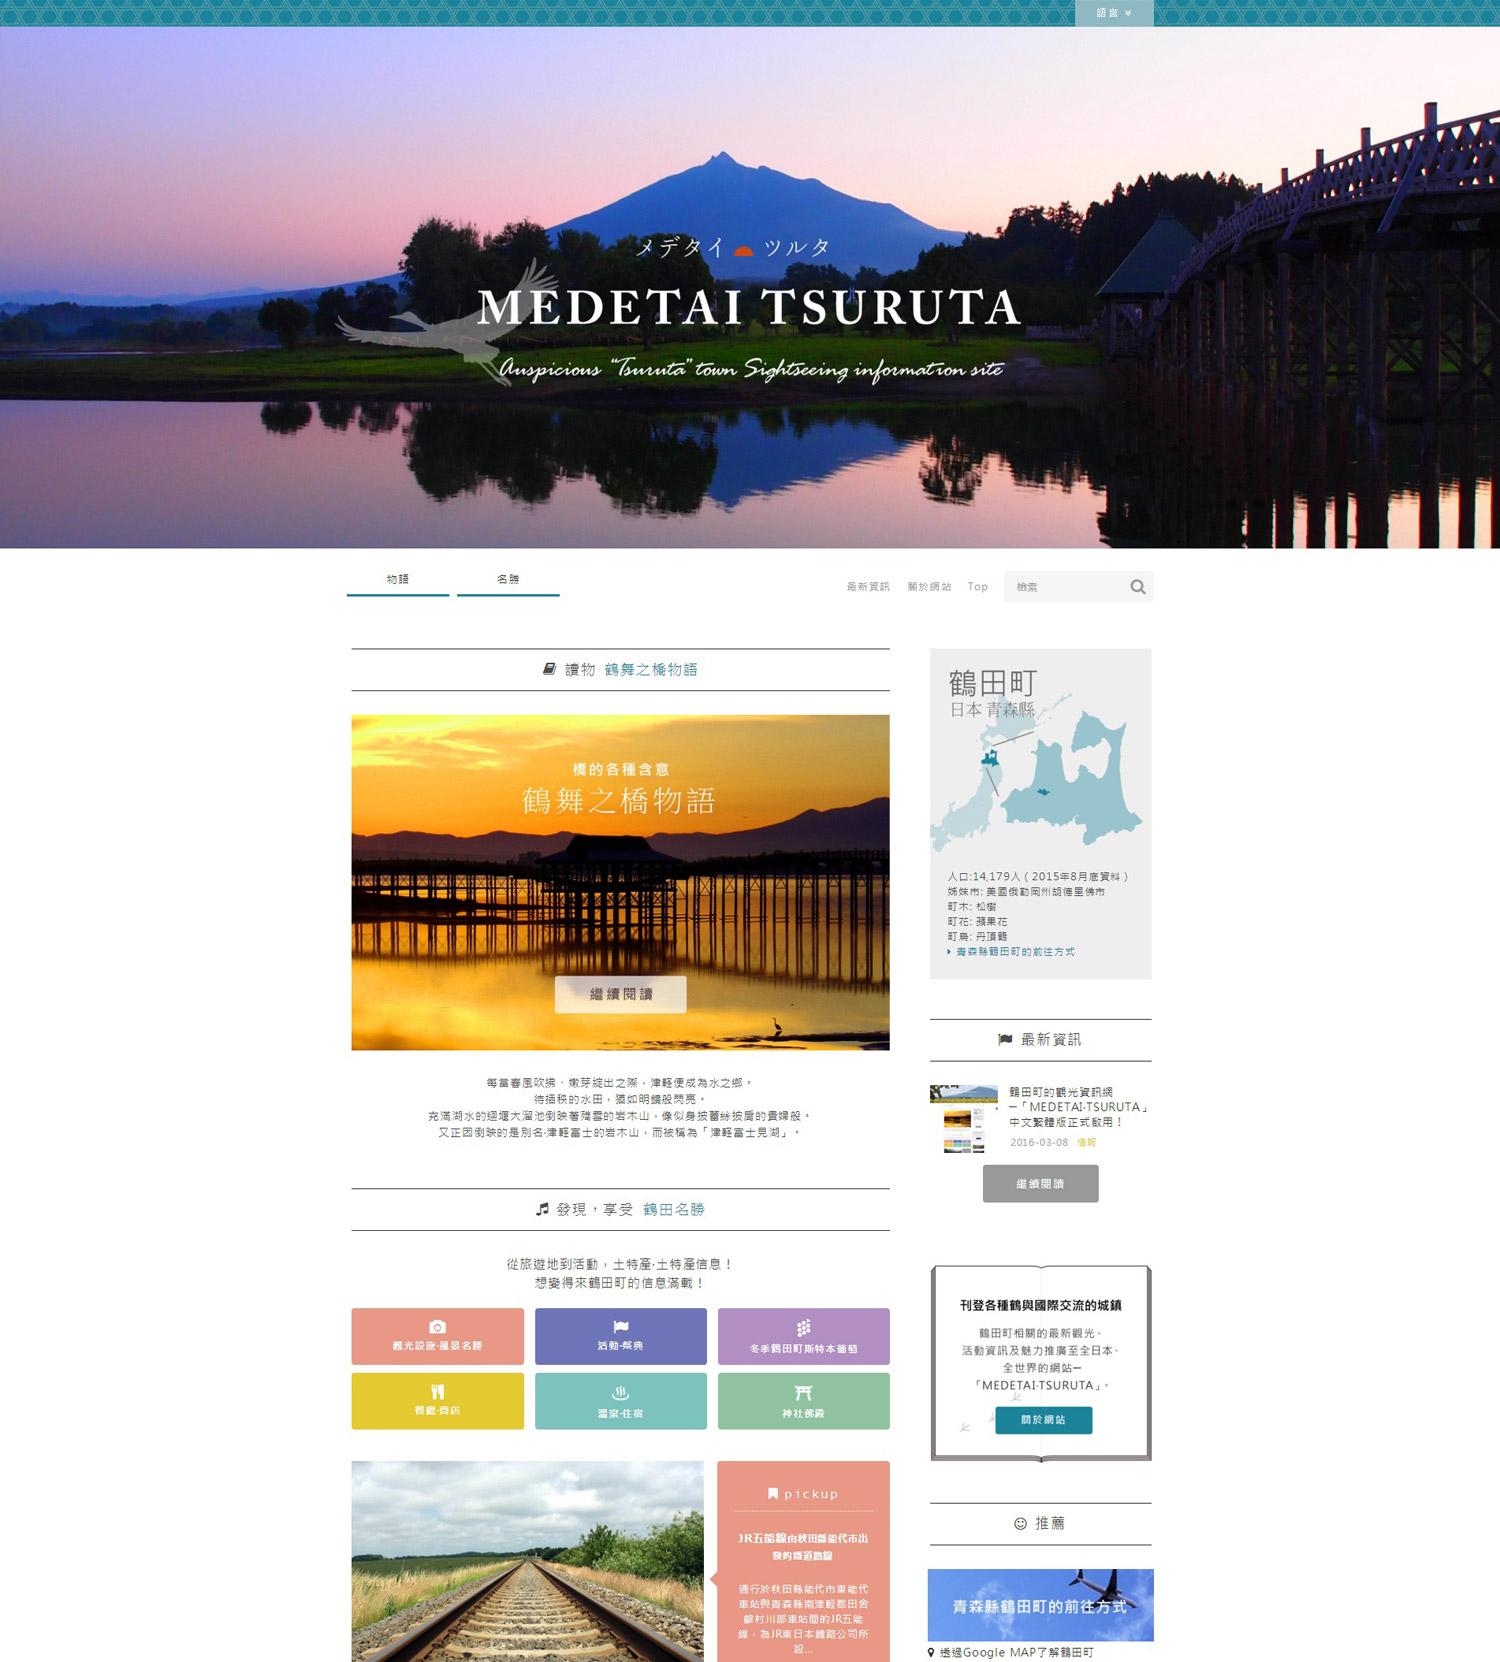 鶴田町的觀光資訊網─「MEDETAI‧TSURUTA」中文繁體版正式啟用!